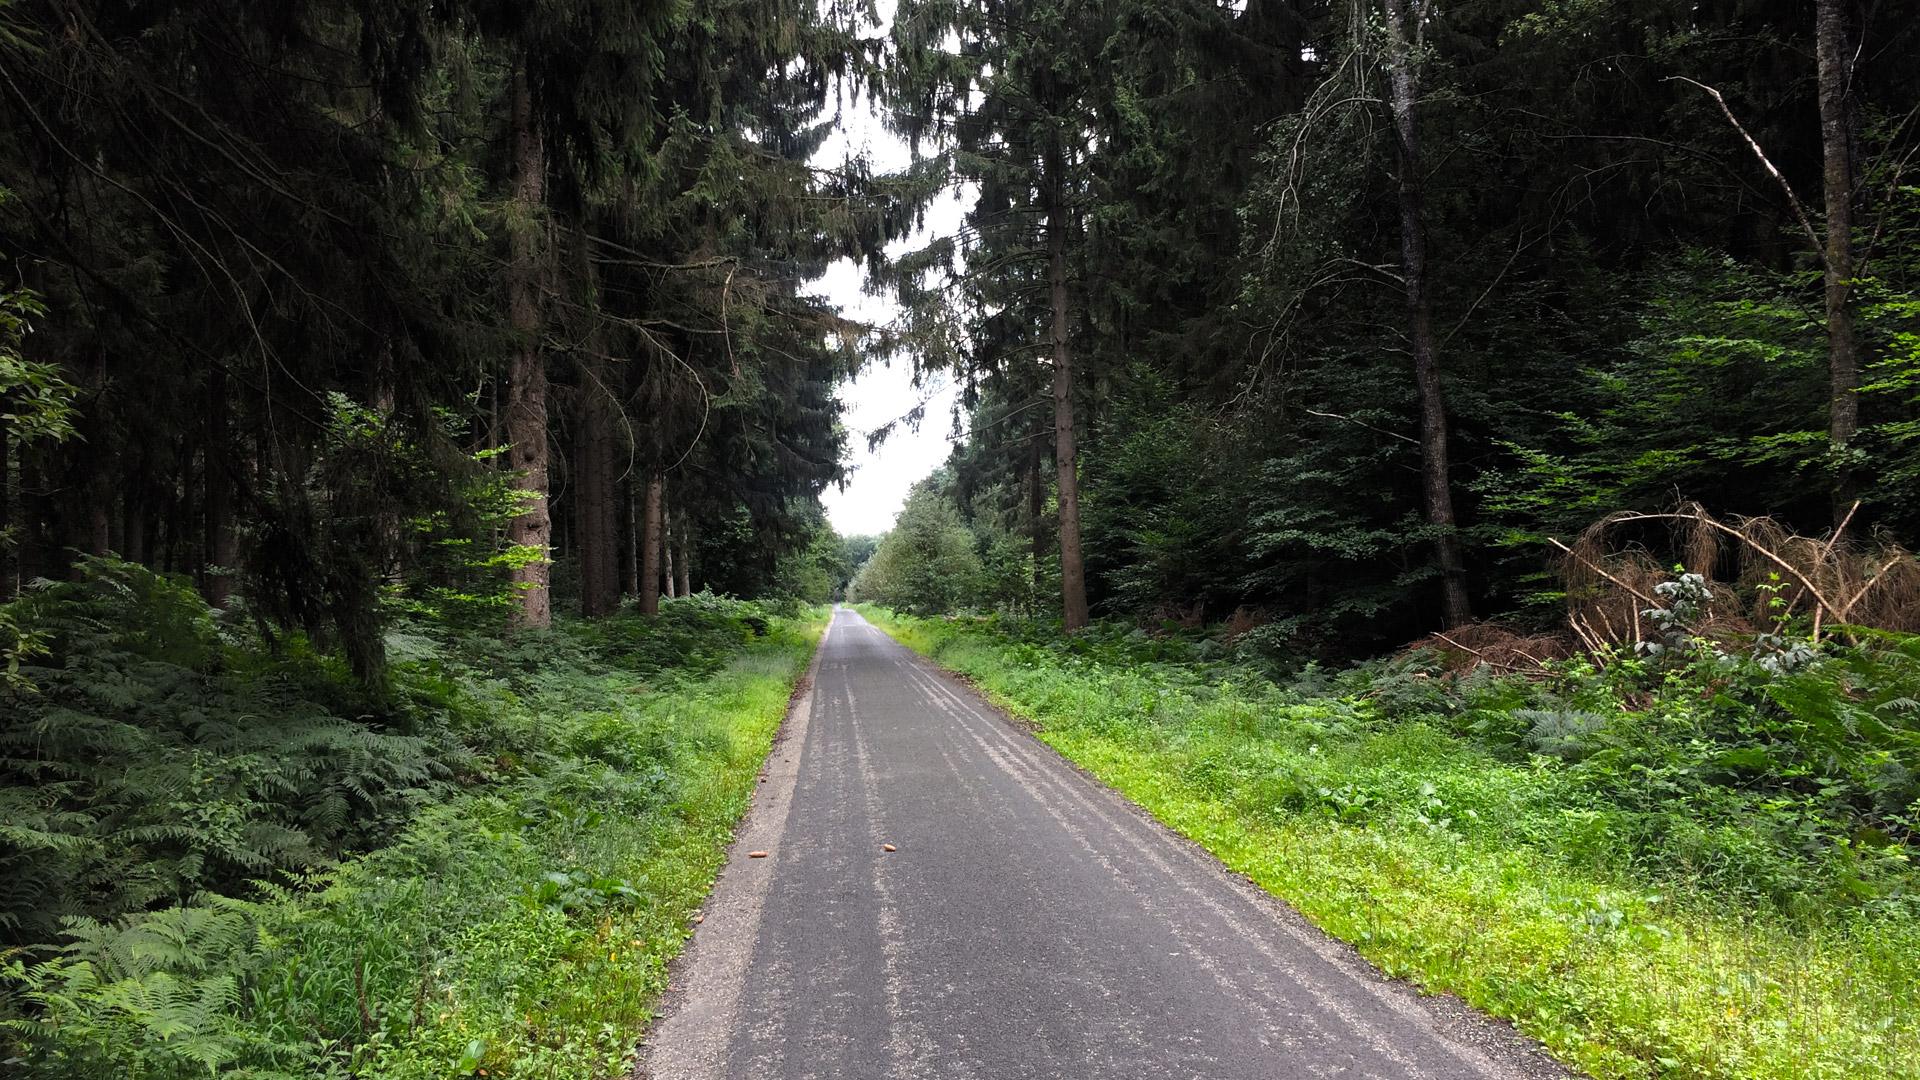 De mooiste routes voor wielrenners rondom Nijmegen